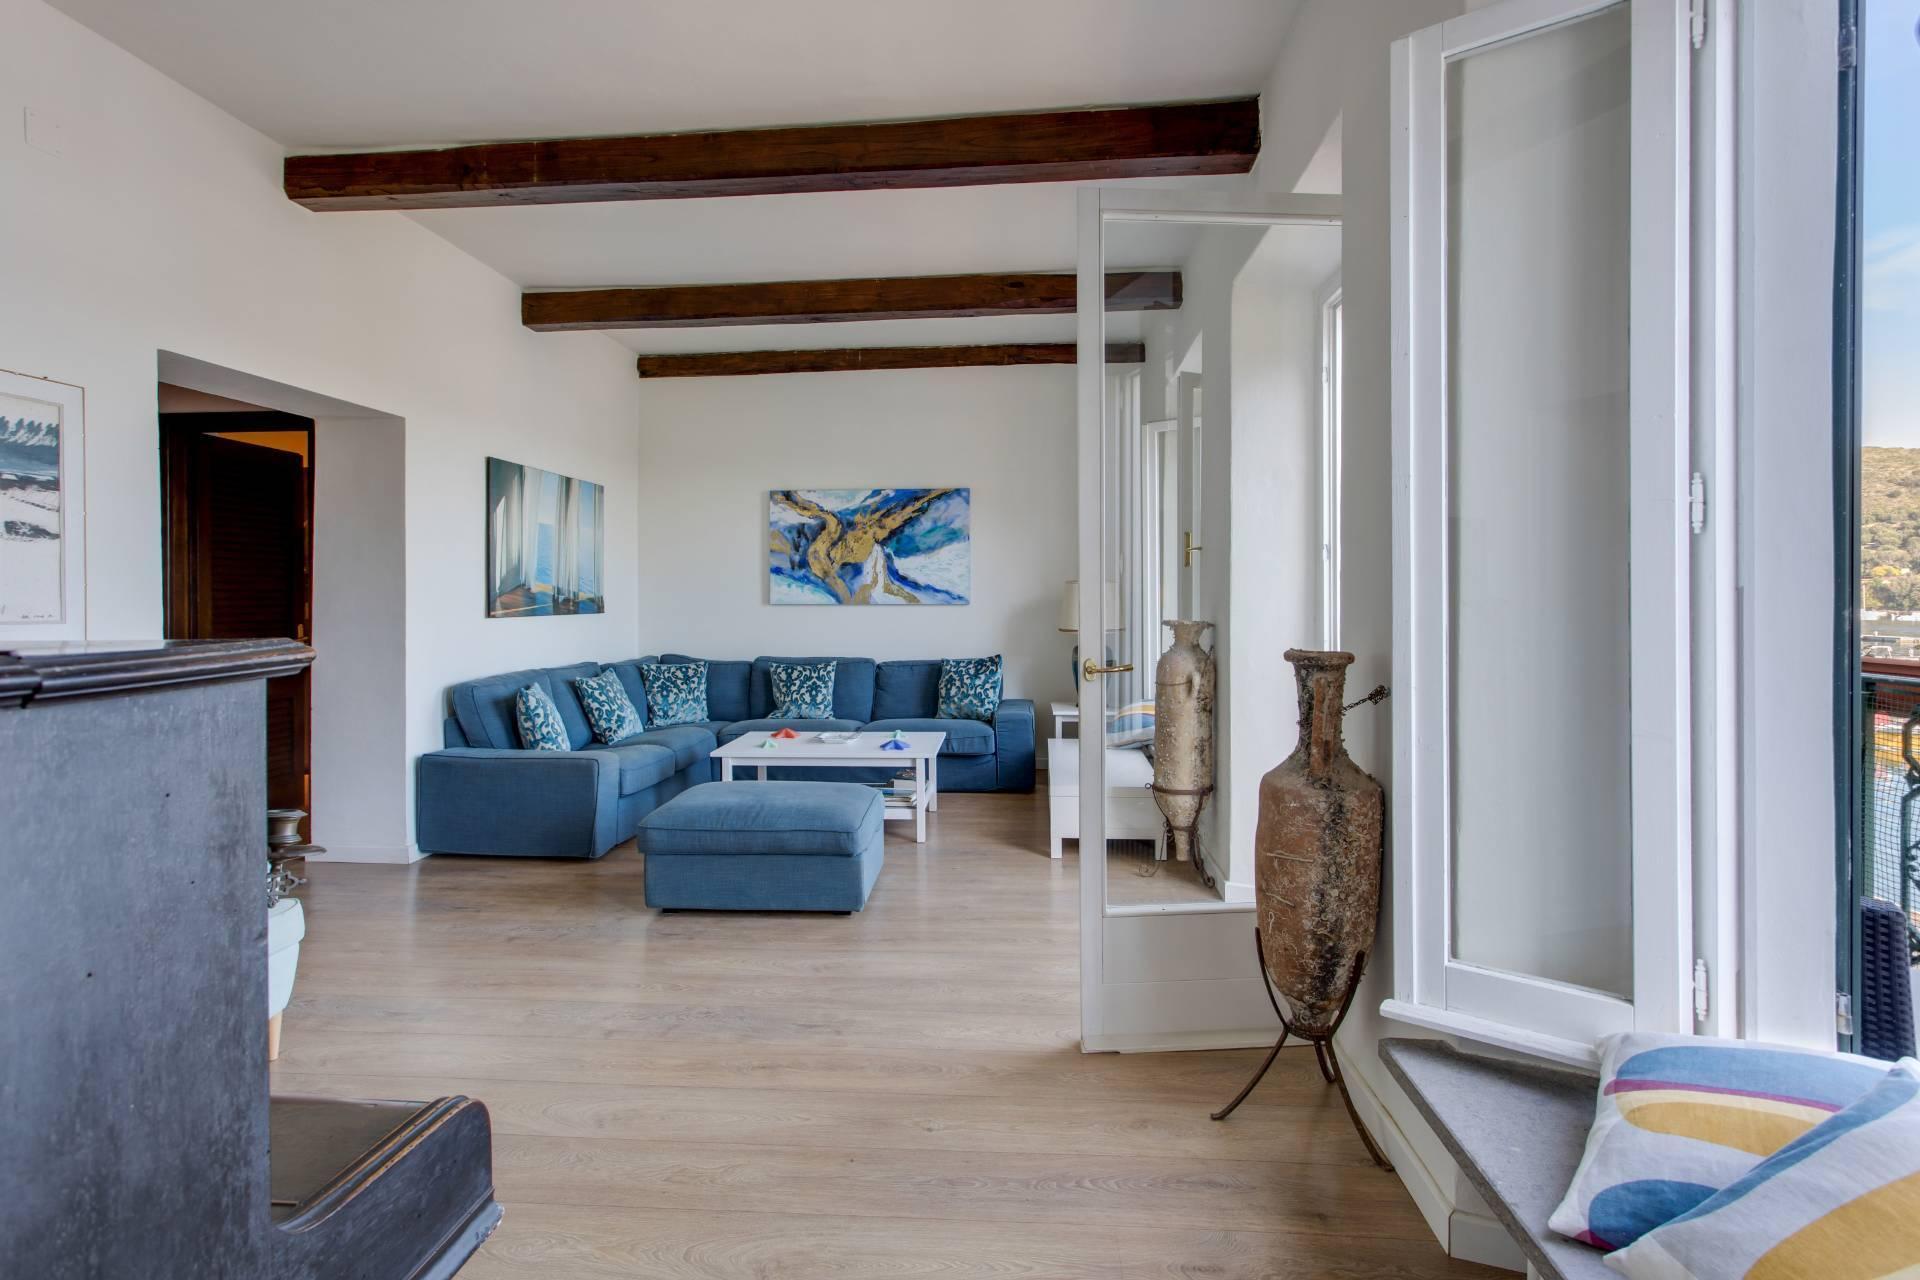 Porto Ercole - Superbe maison familiale en bord  dans un bâtiment historique - 5